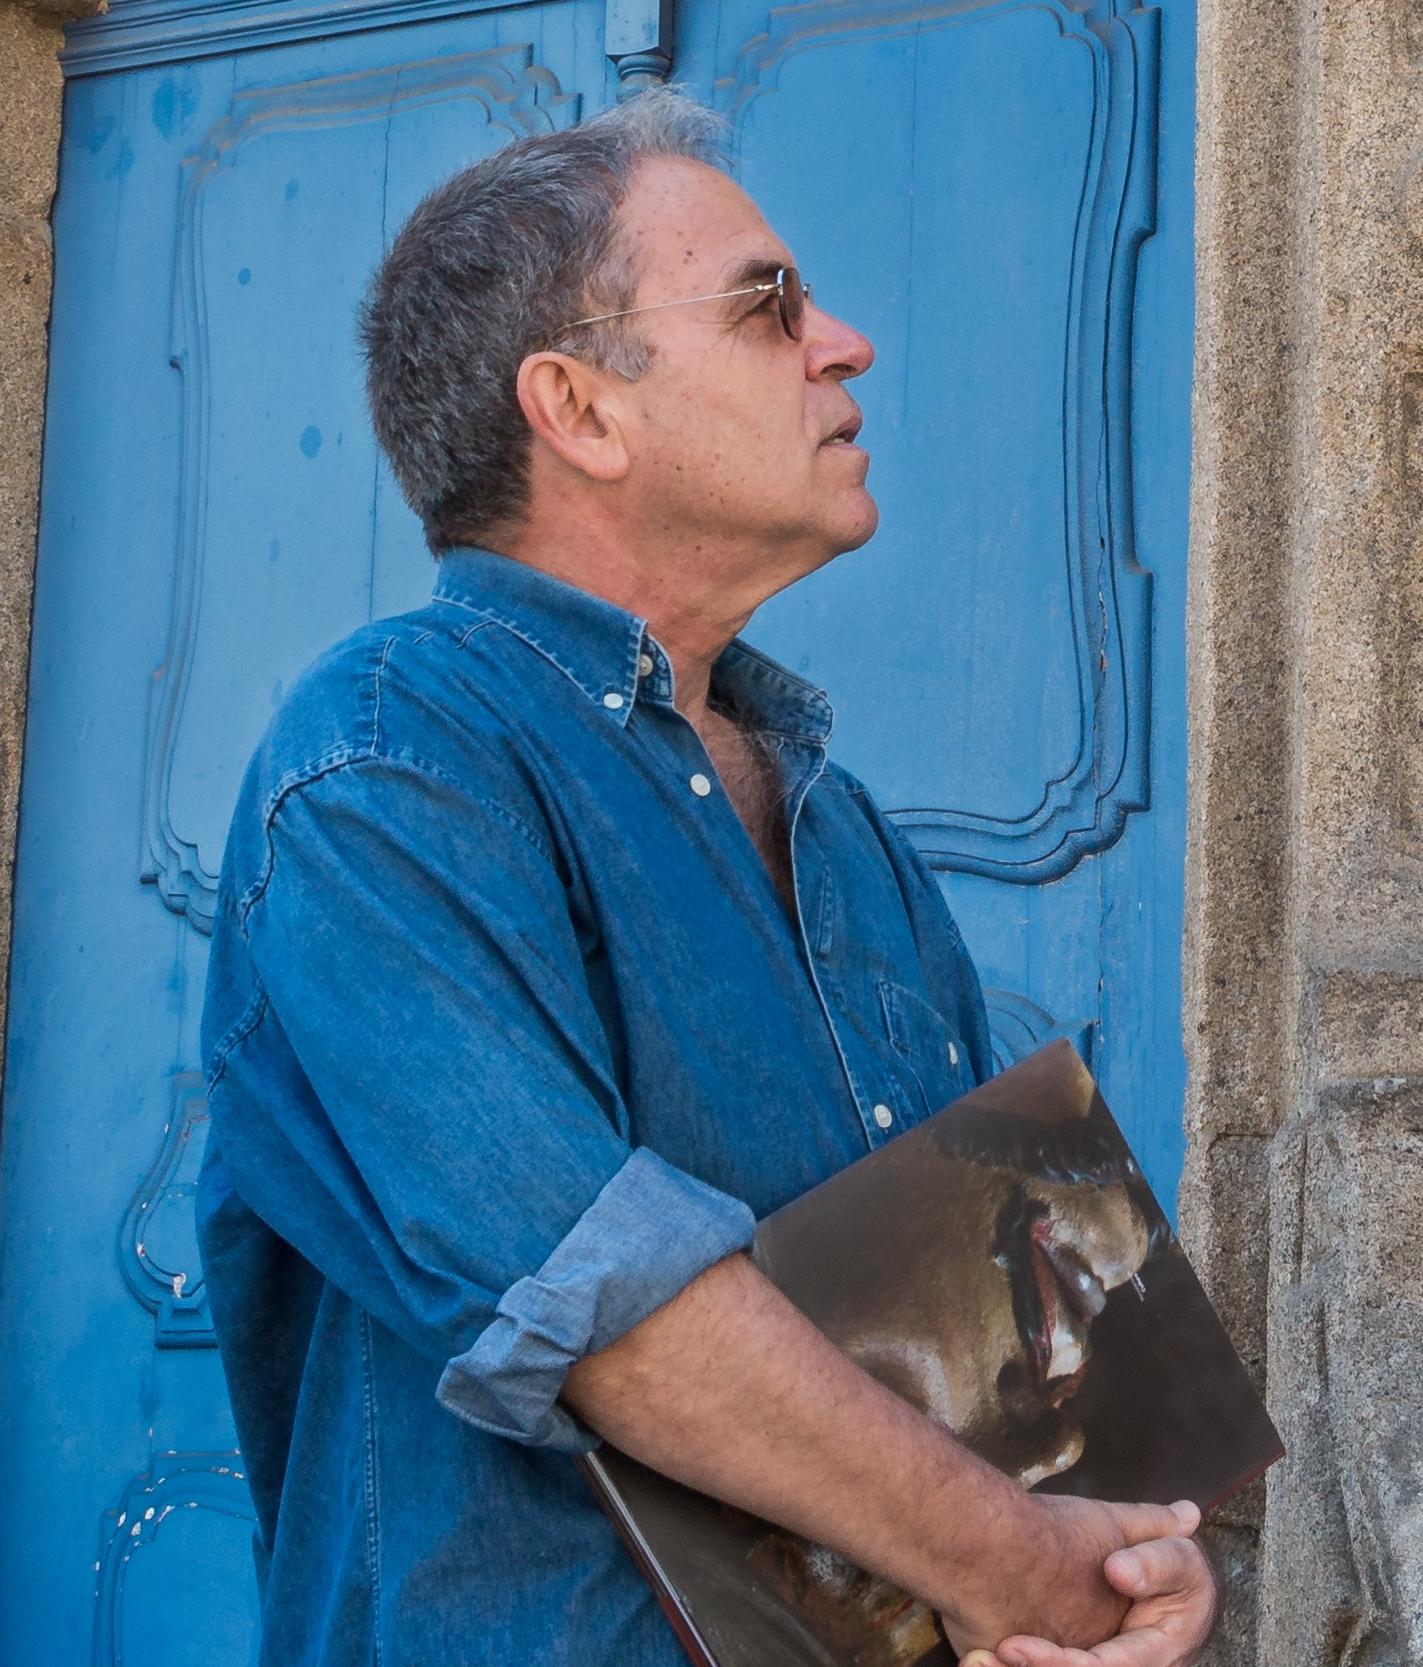 Eduardo Pires de Oliveira